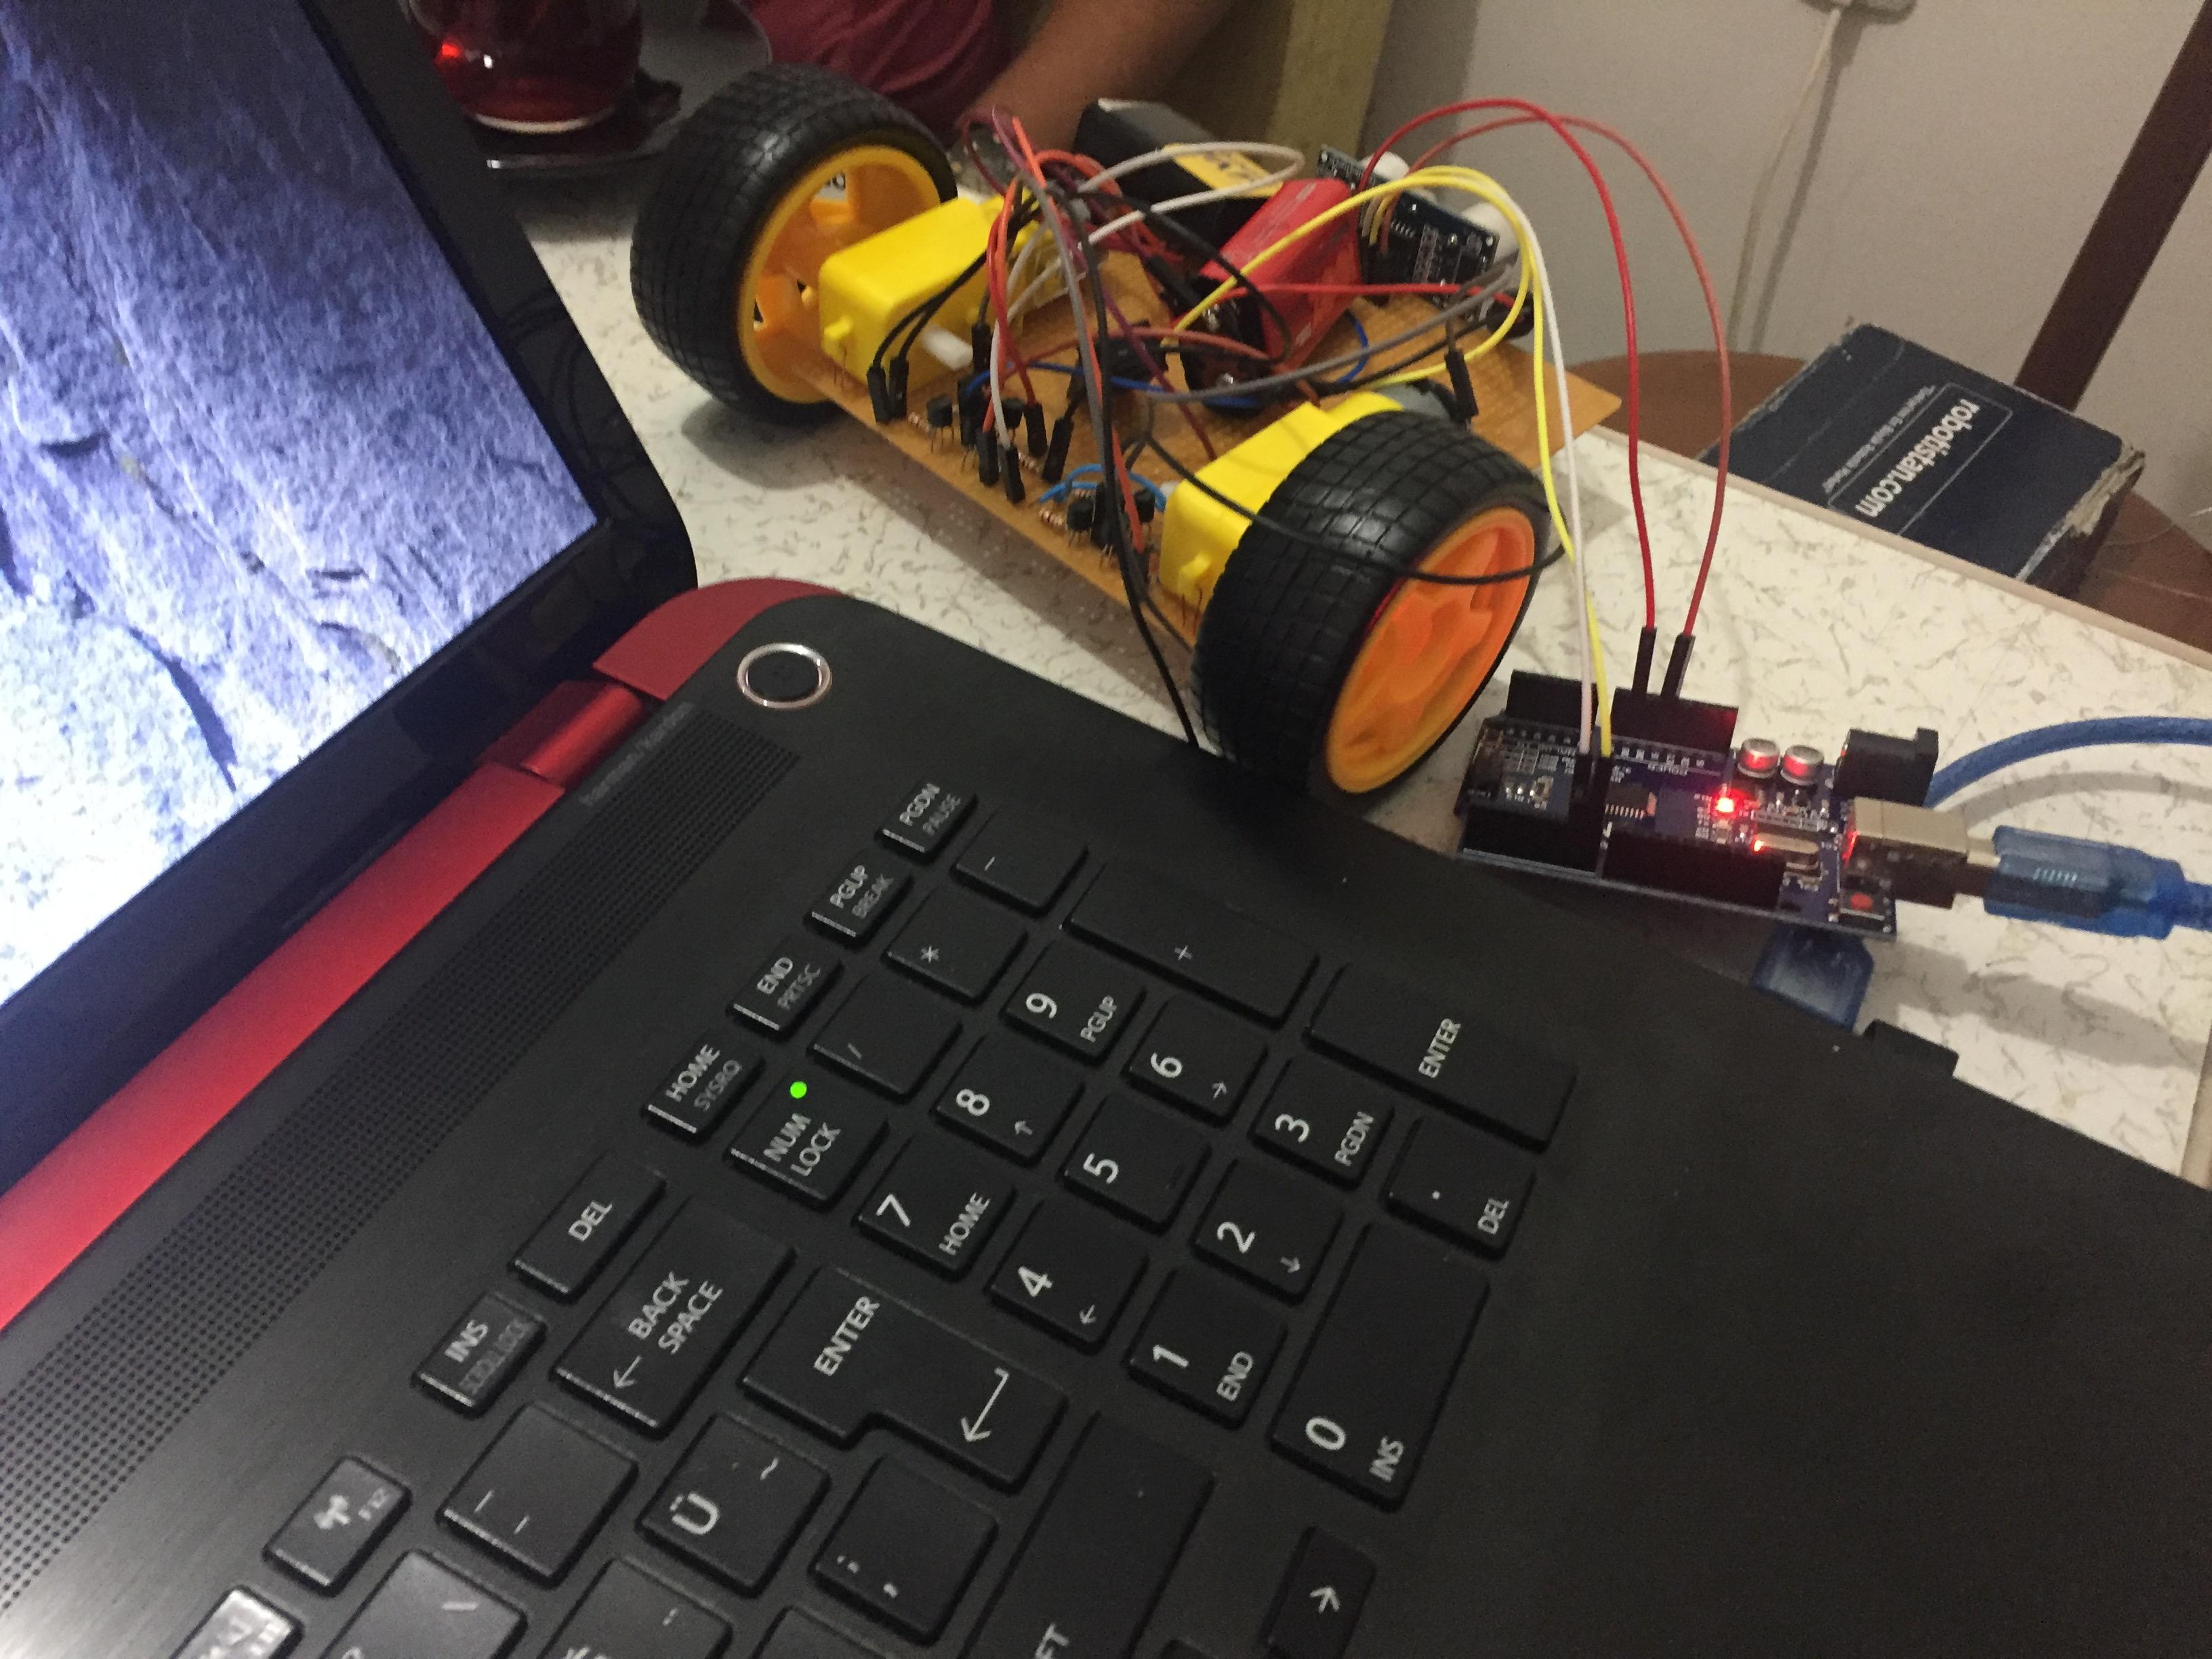 HAREKET TAKİP EDİP ENGELDEN KAÇAN ROBOT